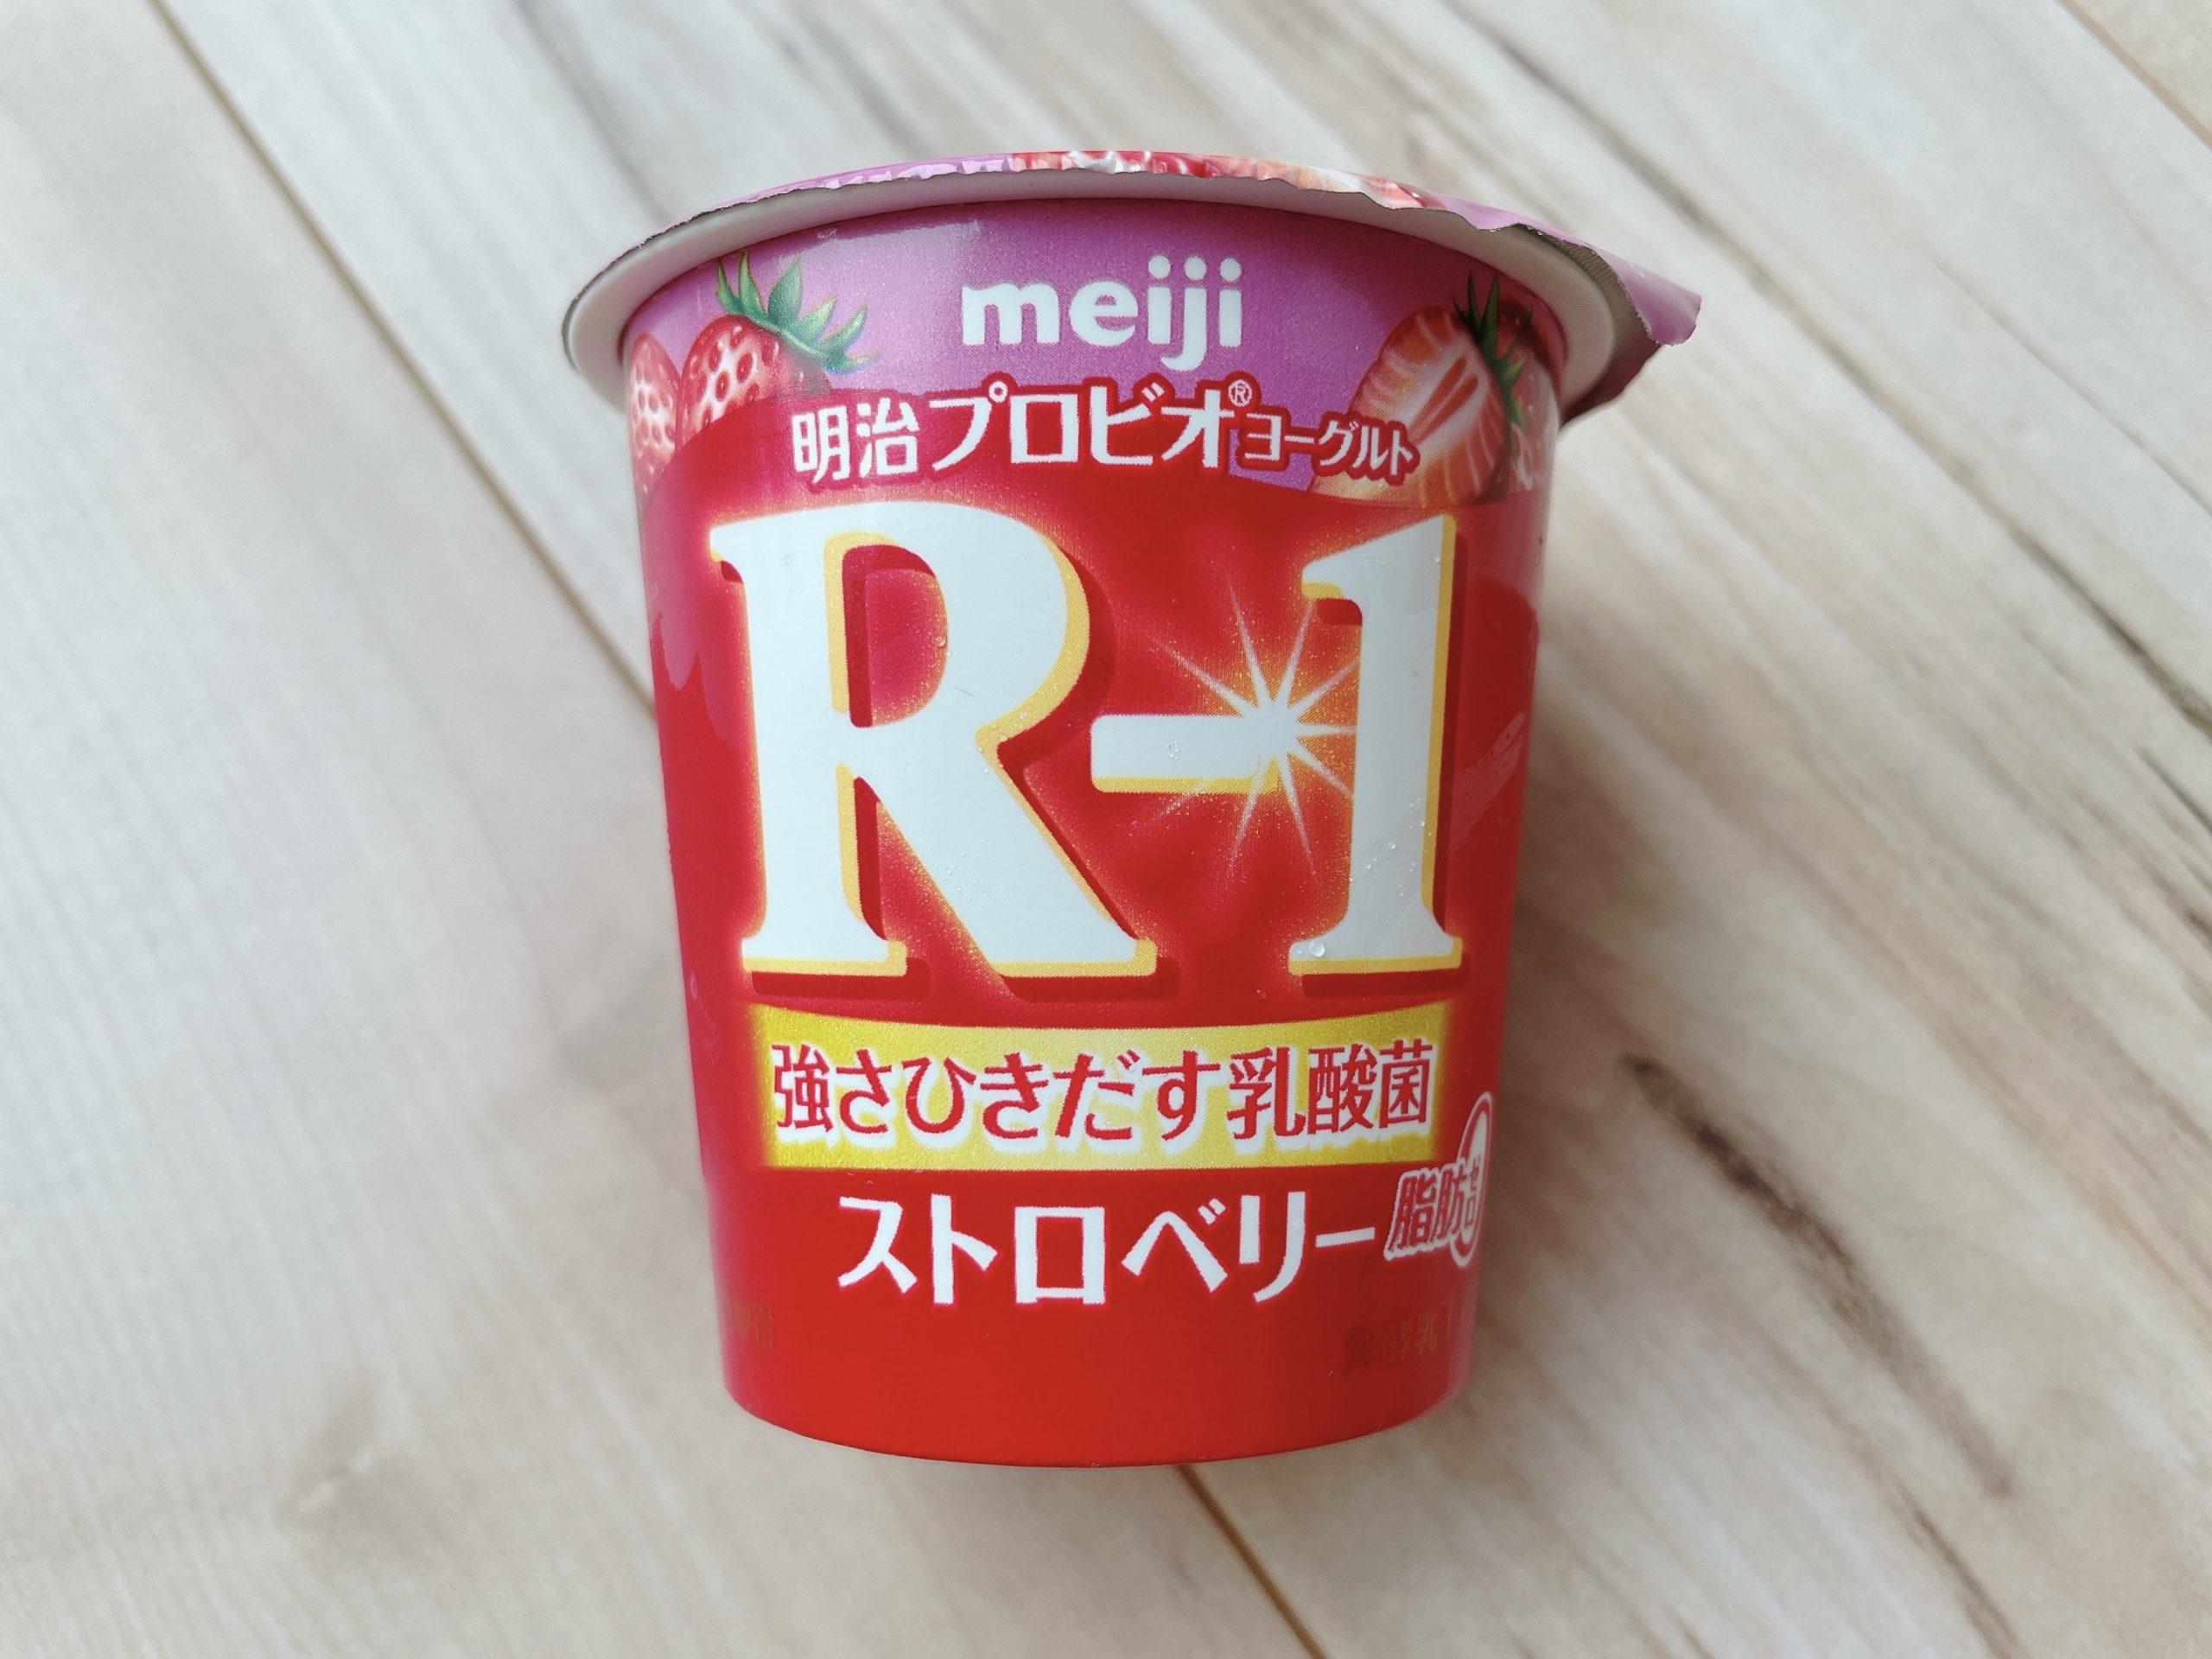 R-1ストロベリー脂肪0は、かなり甘い